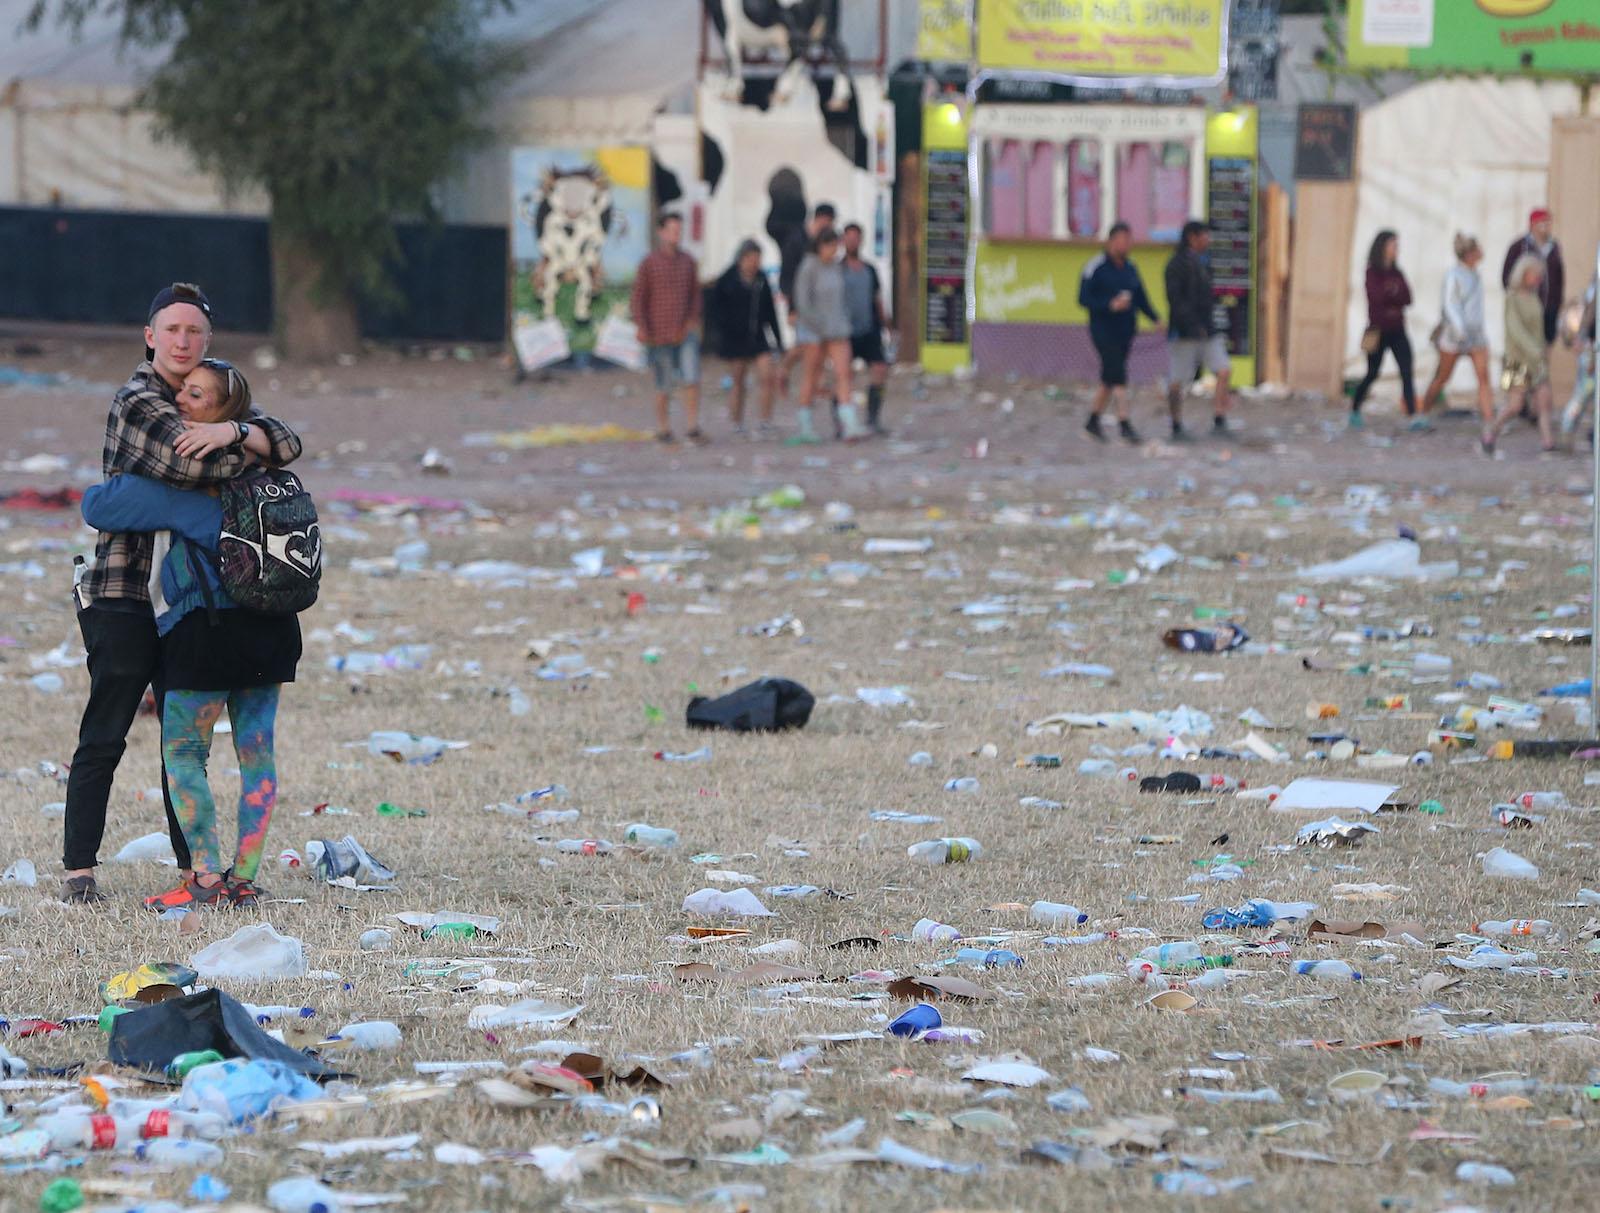 ფესტივალი დასრულდა © EPA/NIGEL RODDIS